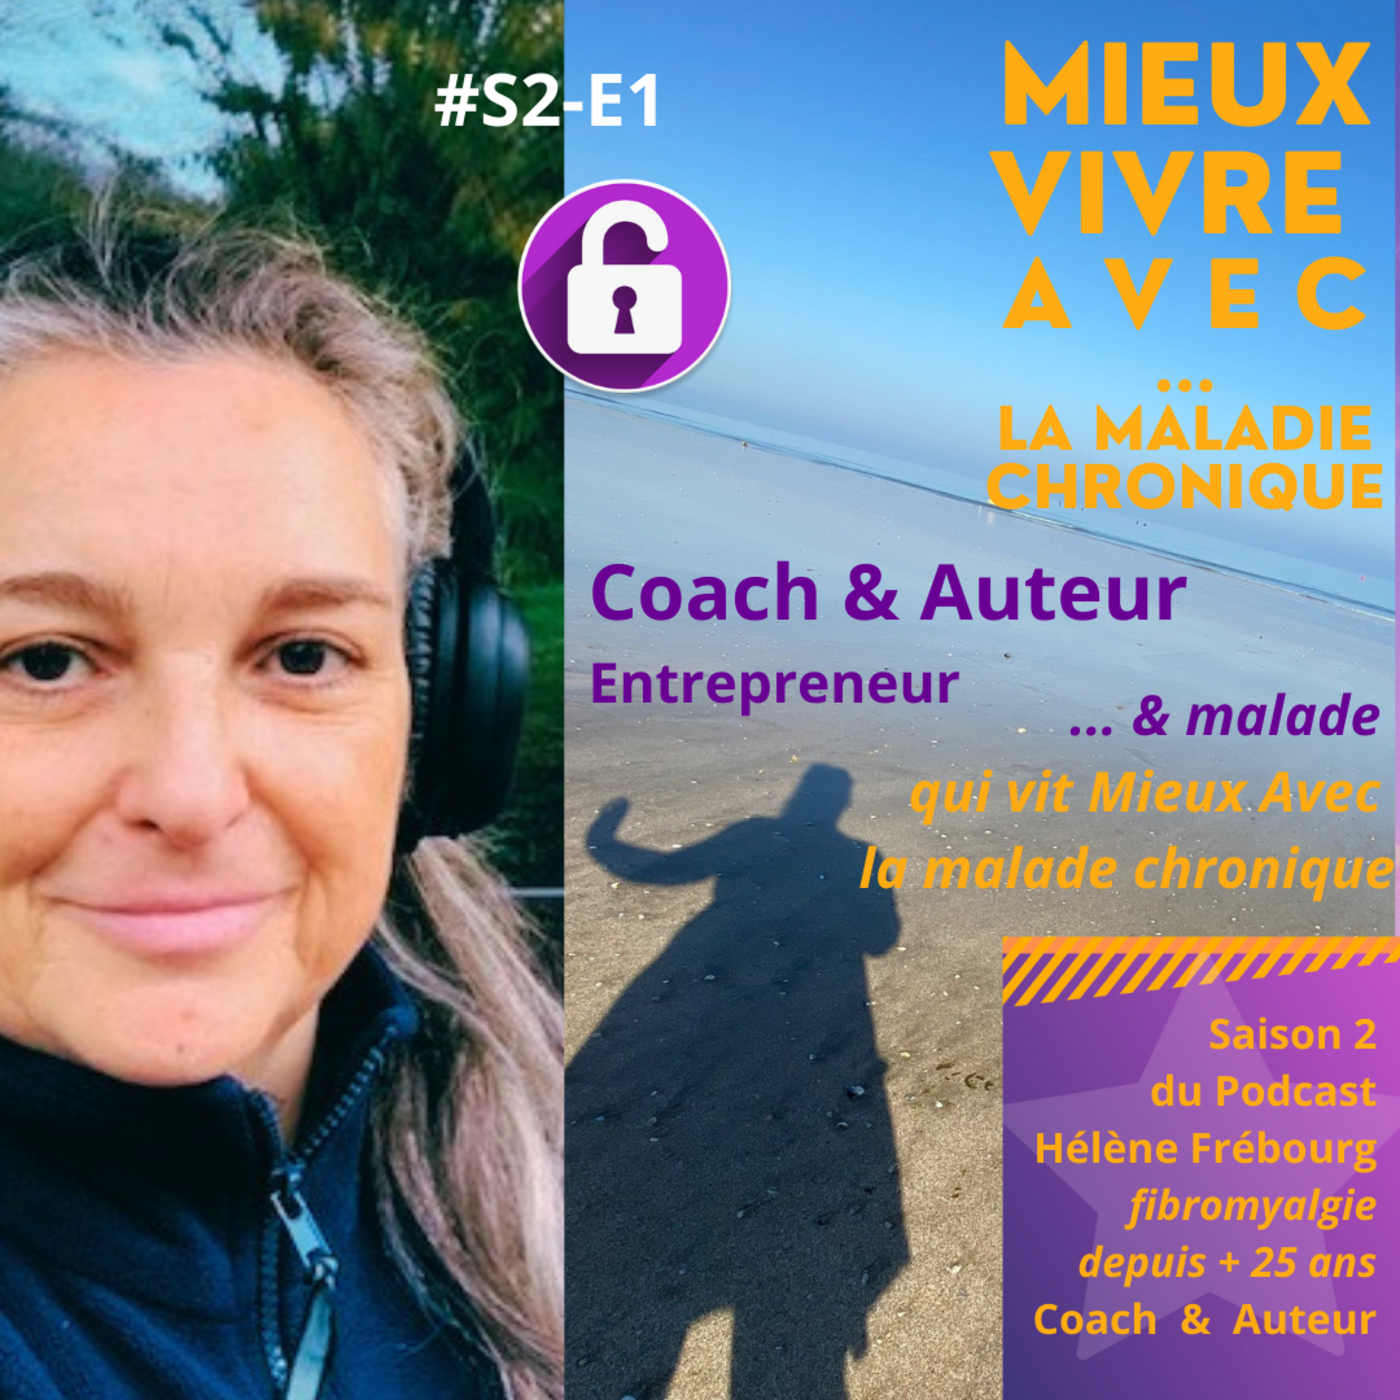 S2E1 : Coach certifié, Auteur, Entrepreneur ... & malade de la fibromyalgie